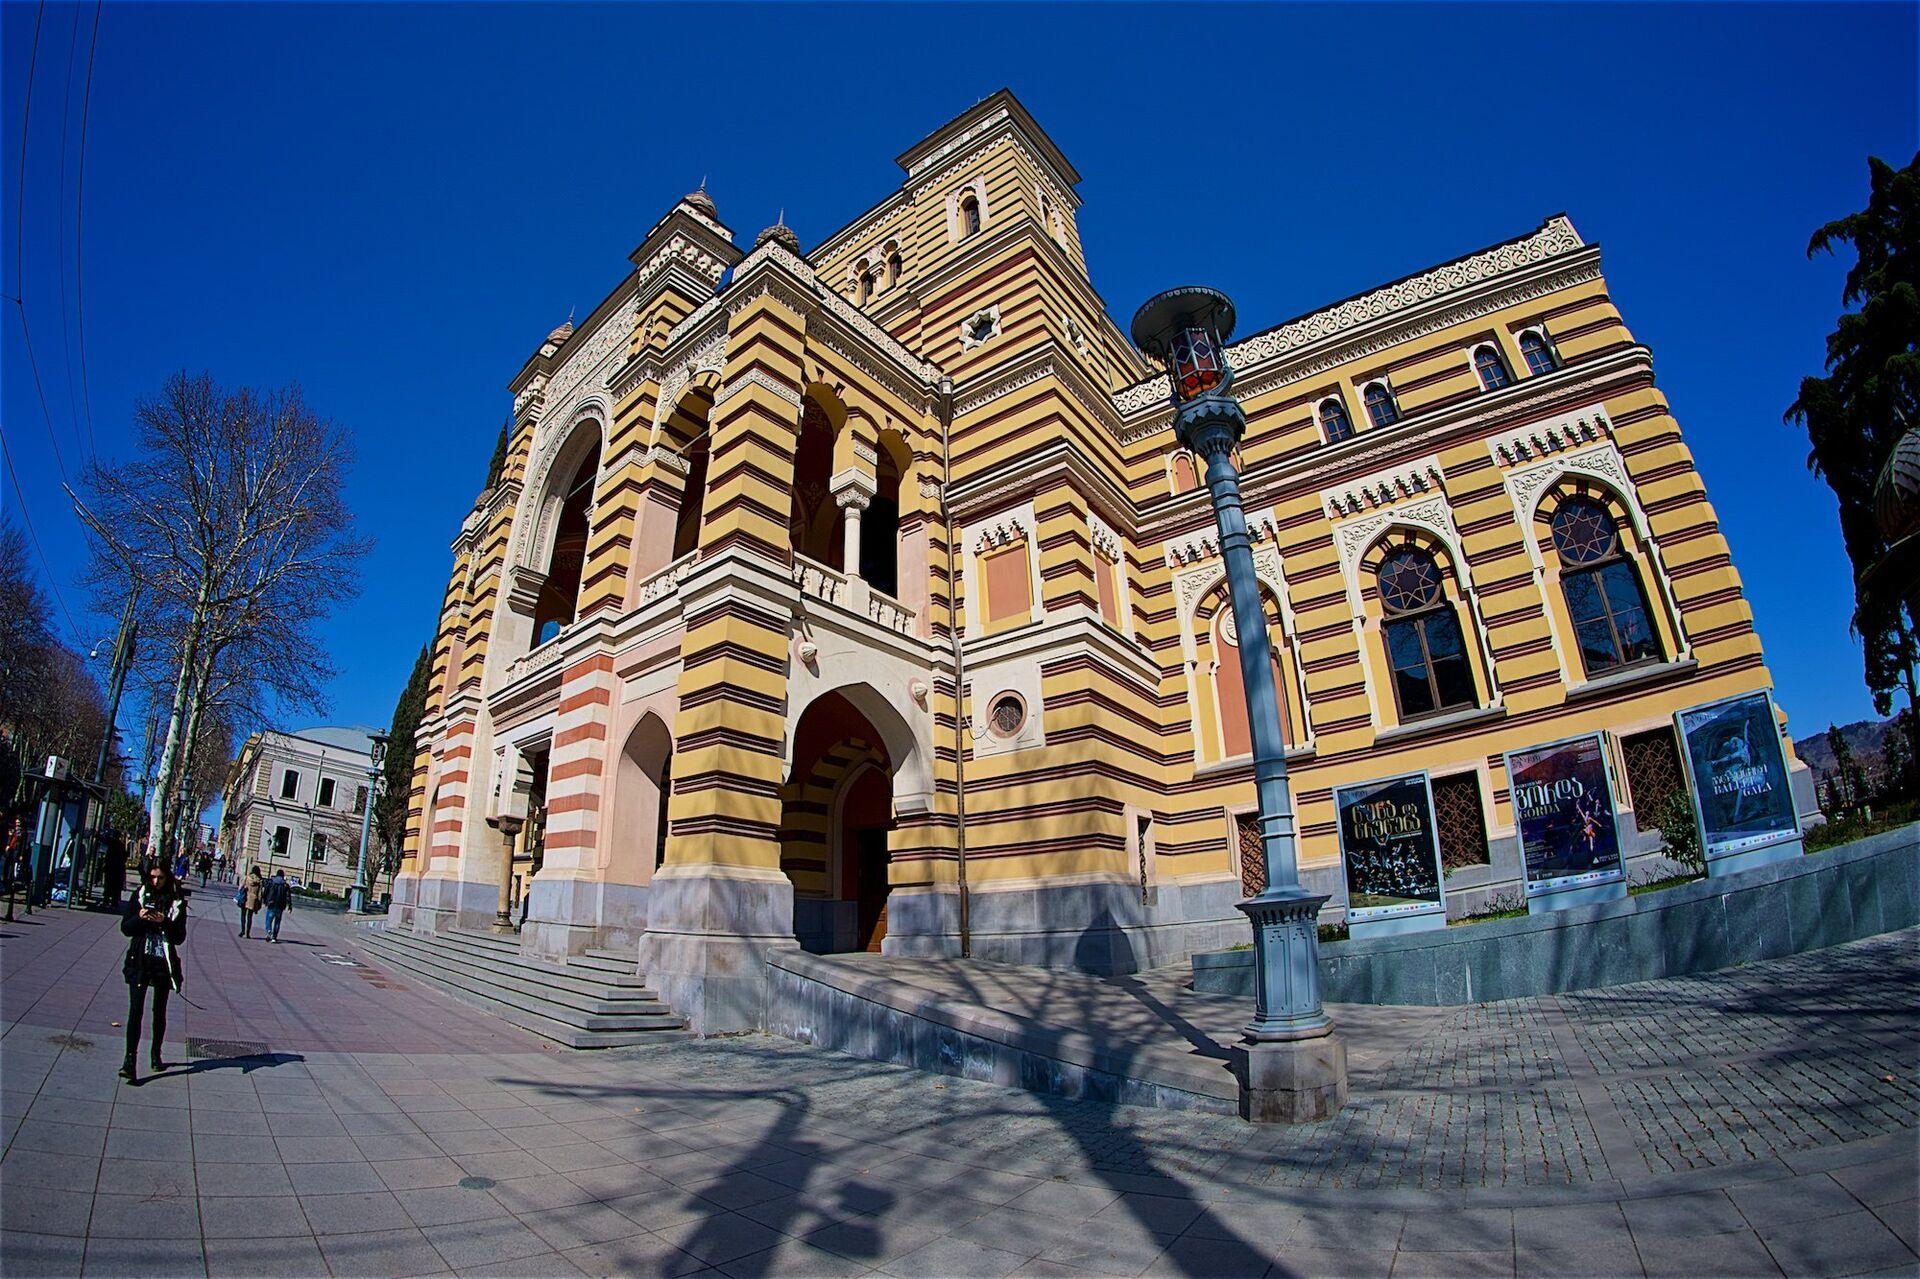 Тбилисский государственный театр оперы и балета им. Захария Палиашвили - Sputnik Грузия, 1920, 30.09.2021